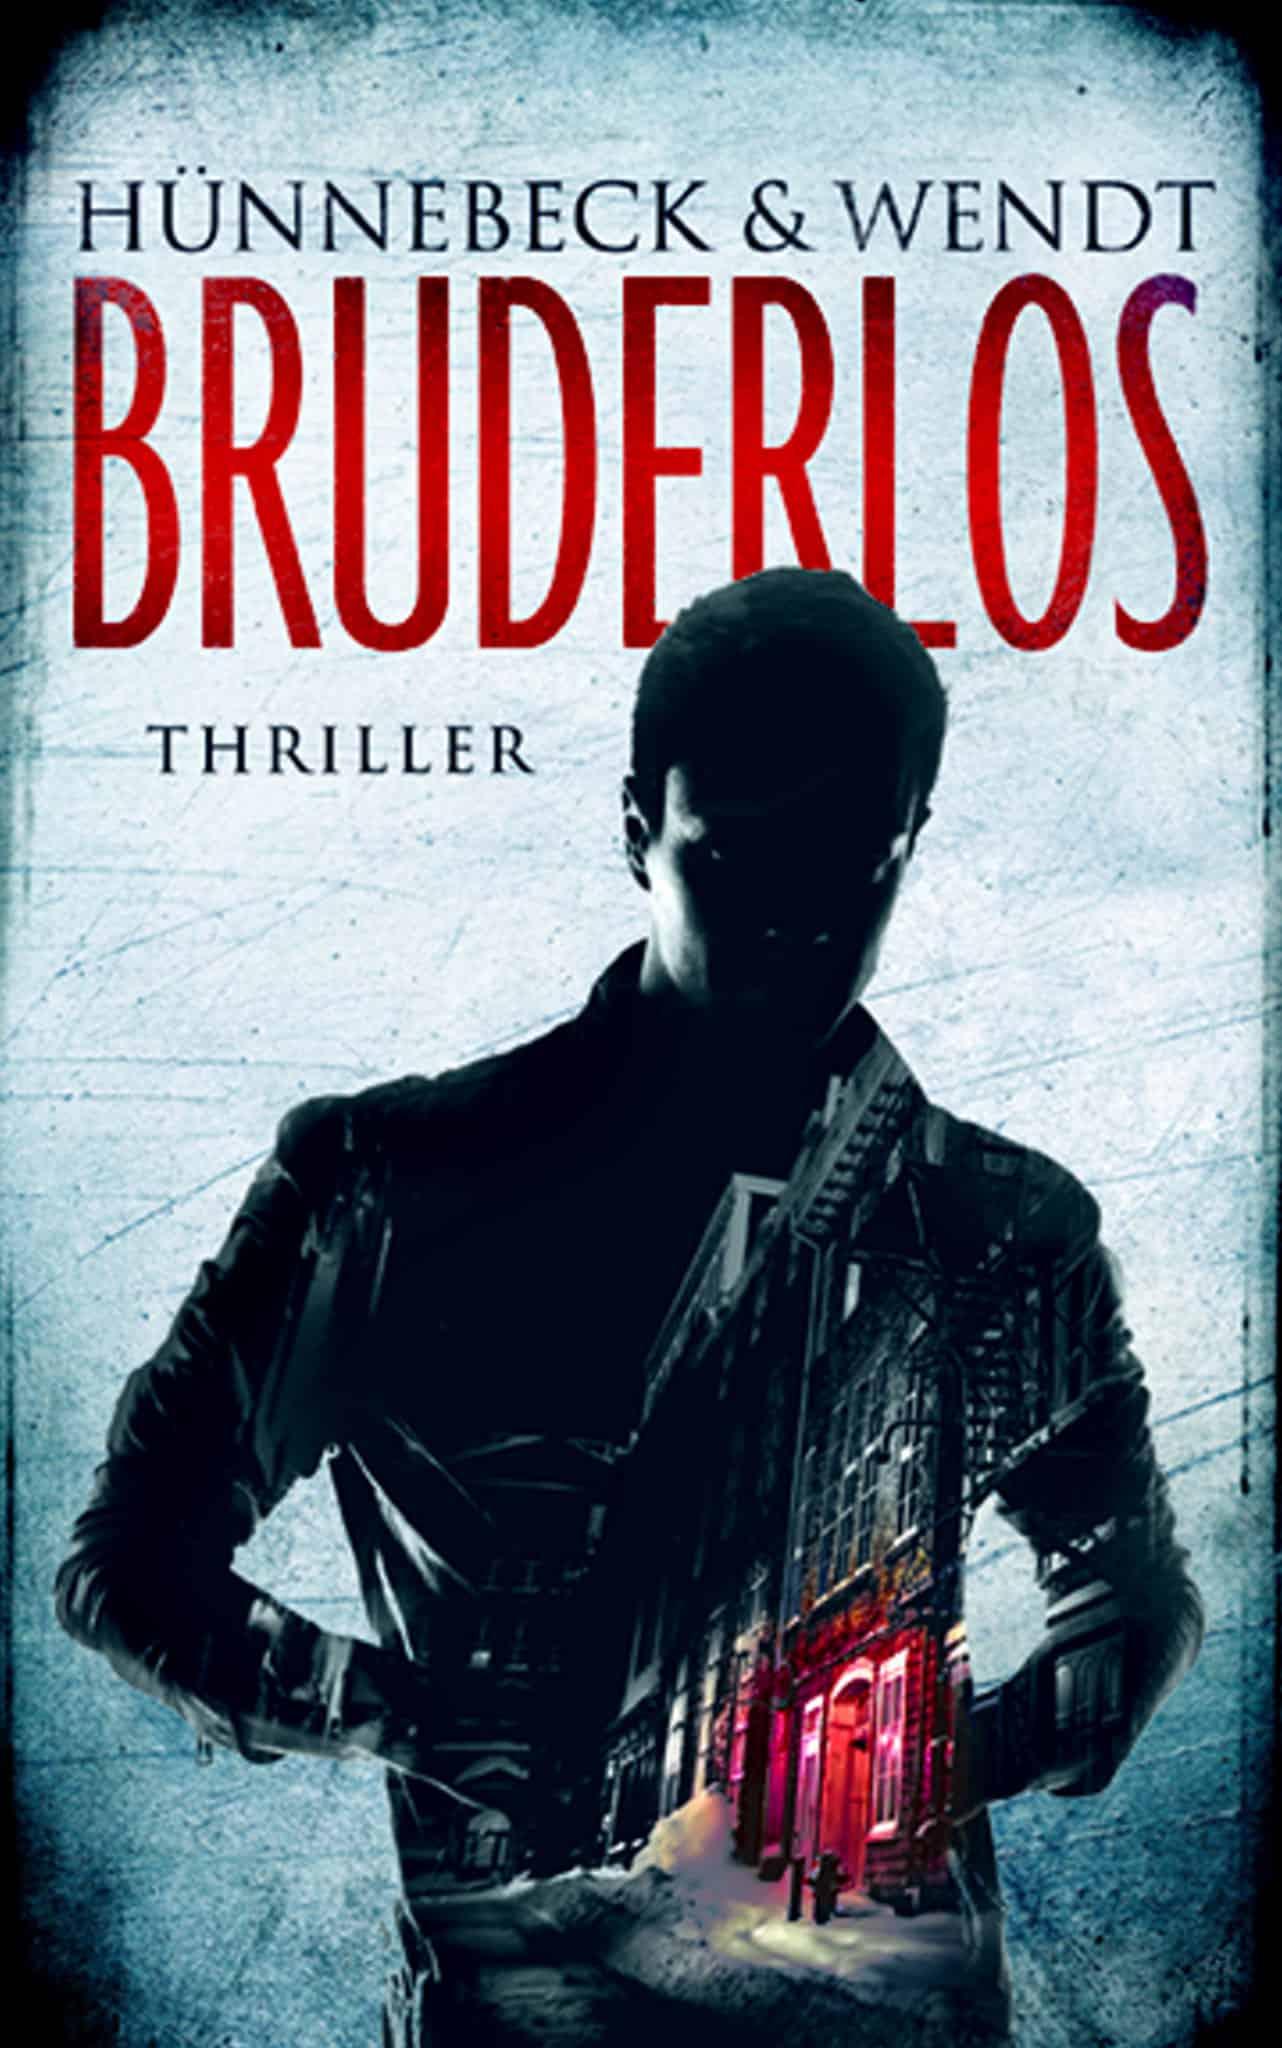 Bruderlos - Marcus Hünnebeck - Thriller